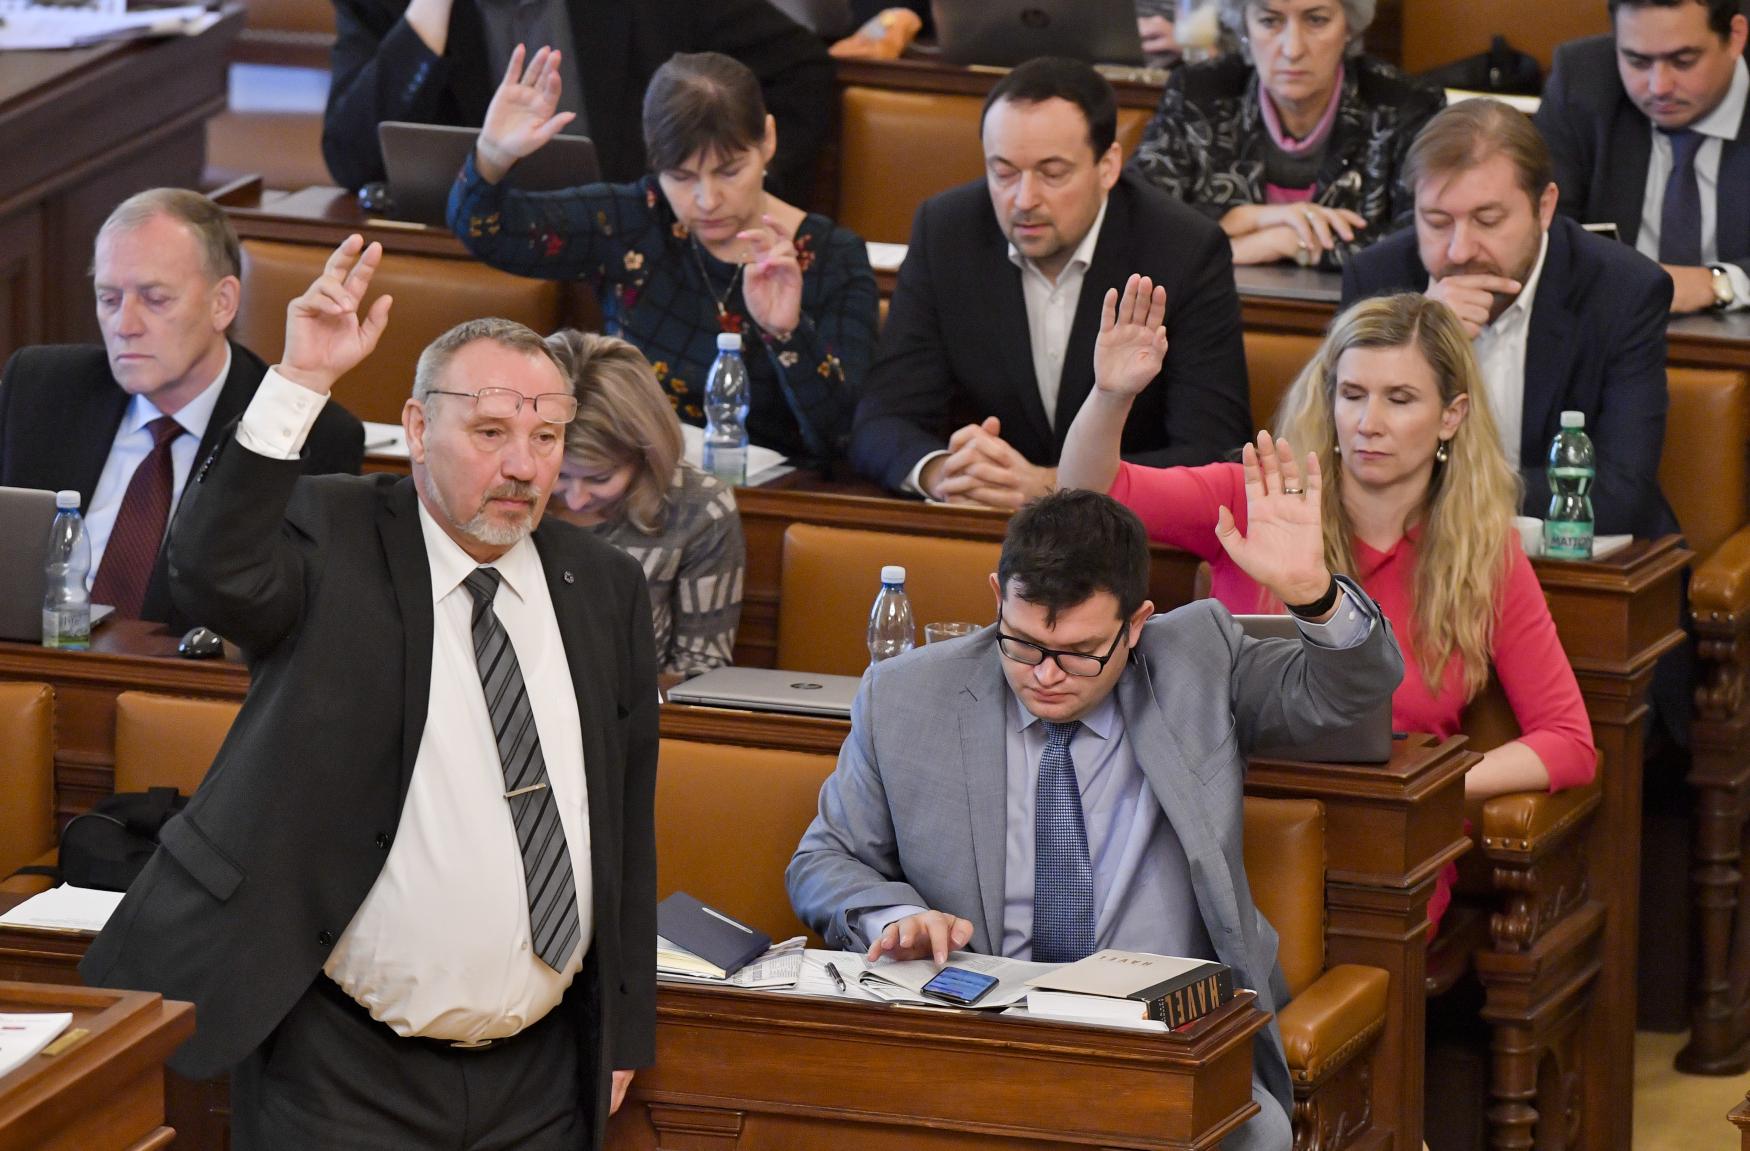 Hlasování o novele zákona o církevních restitucích na schůzi Poslanecké sněmovny, vepředu stojící šéf poslaneckého klubu KSČM Pavel Kováčik